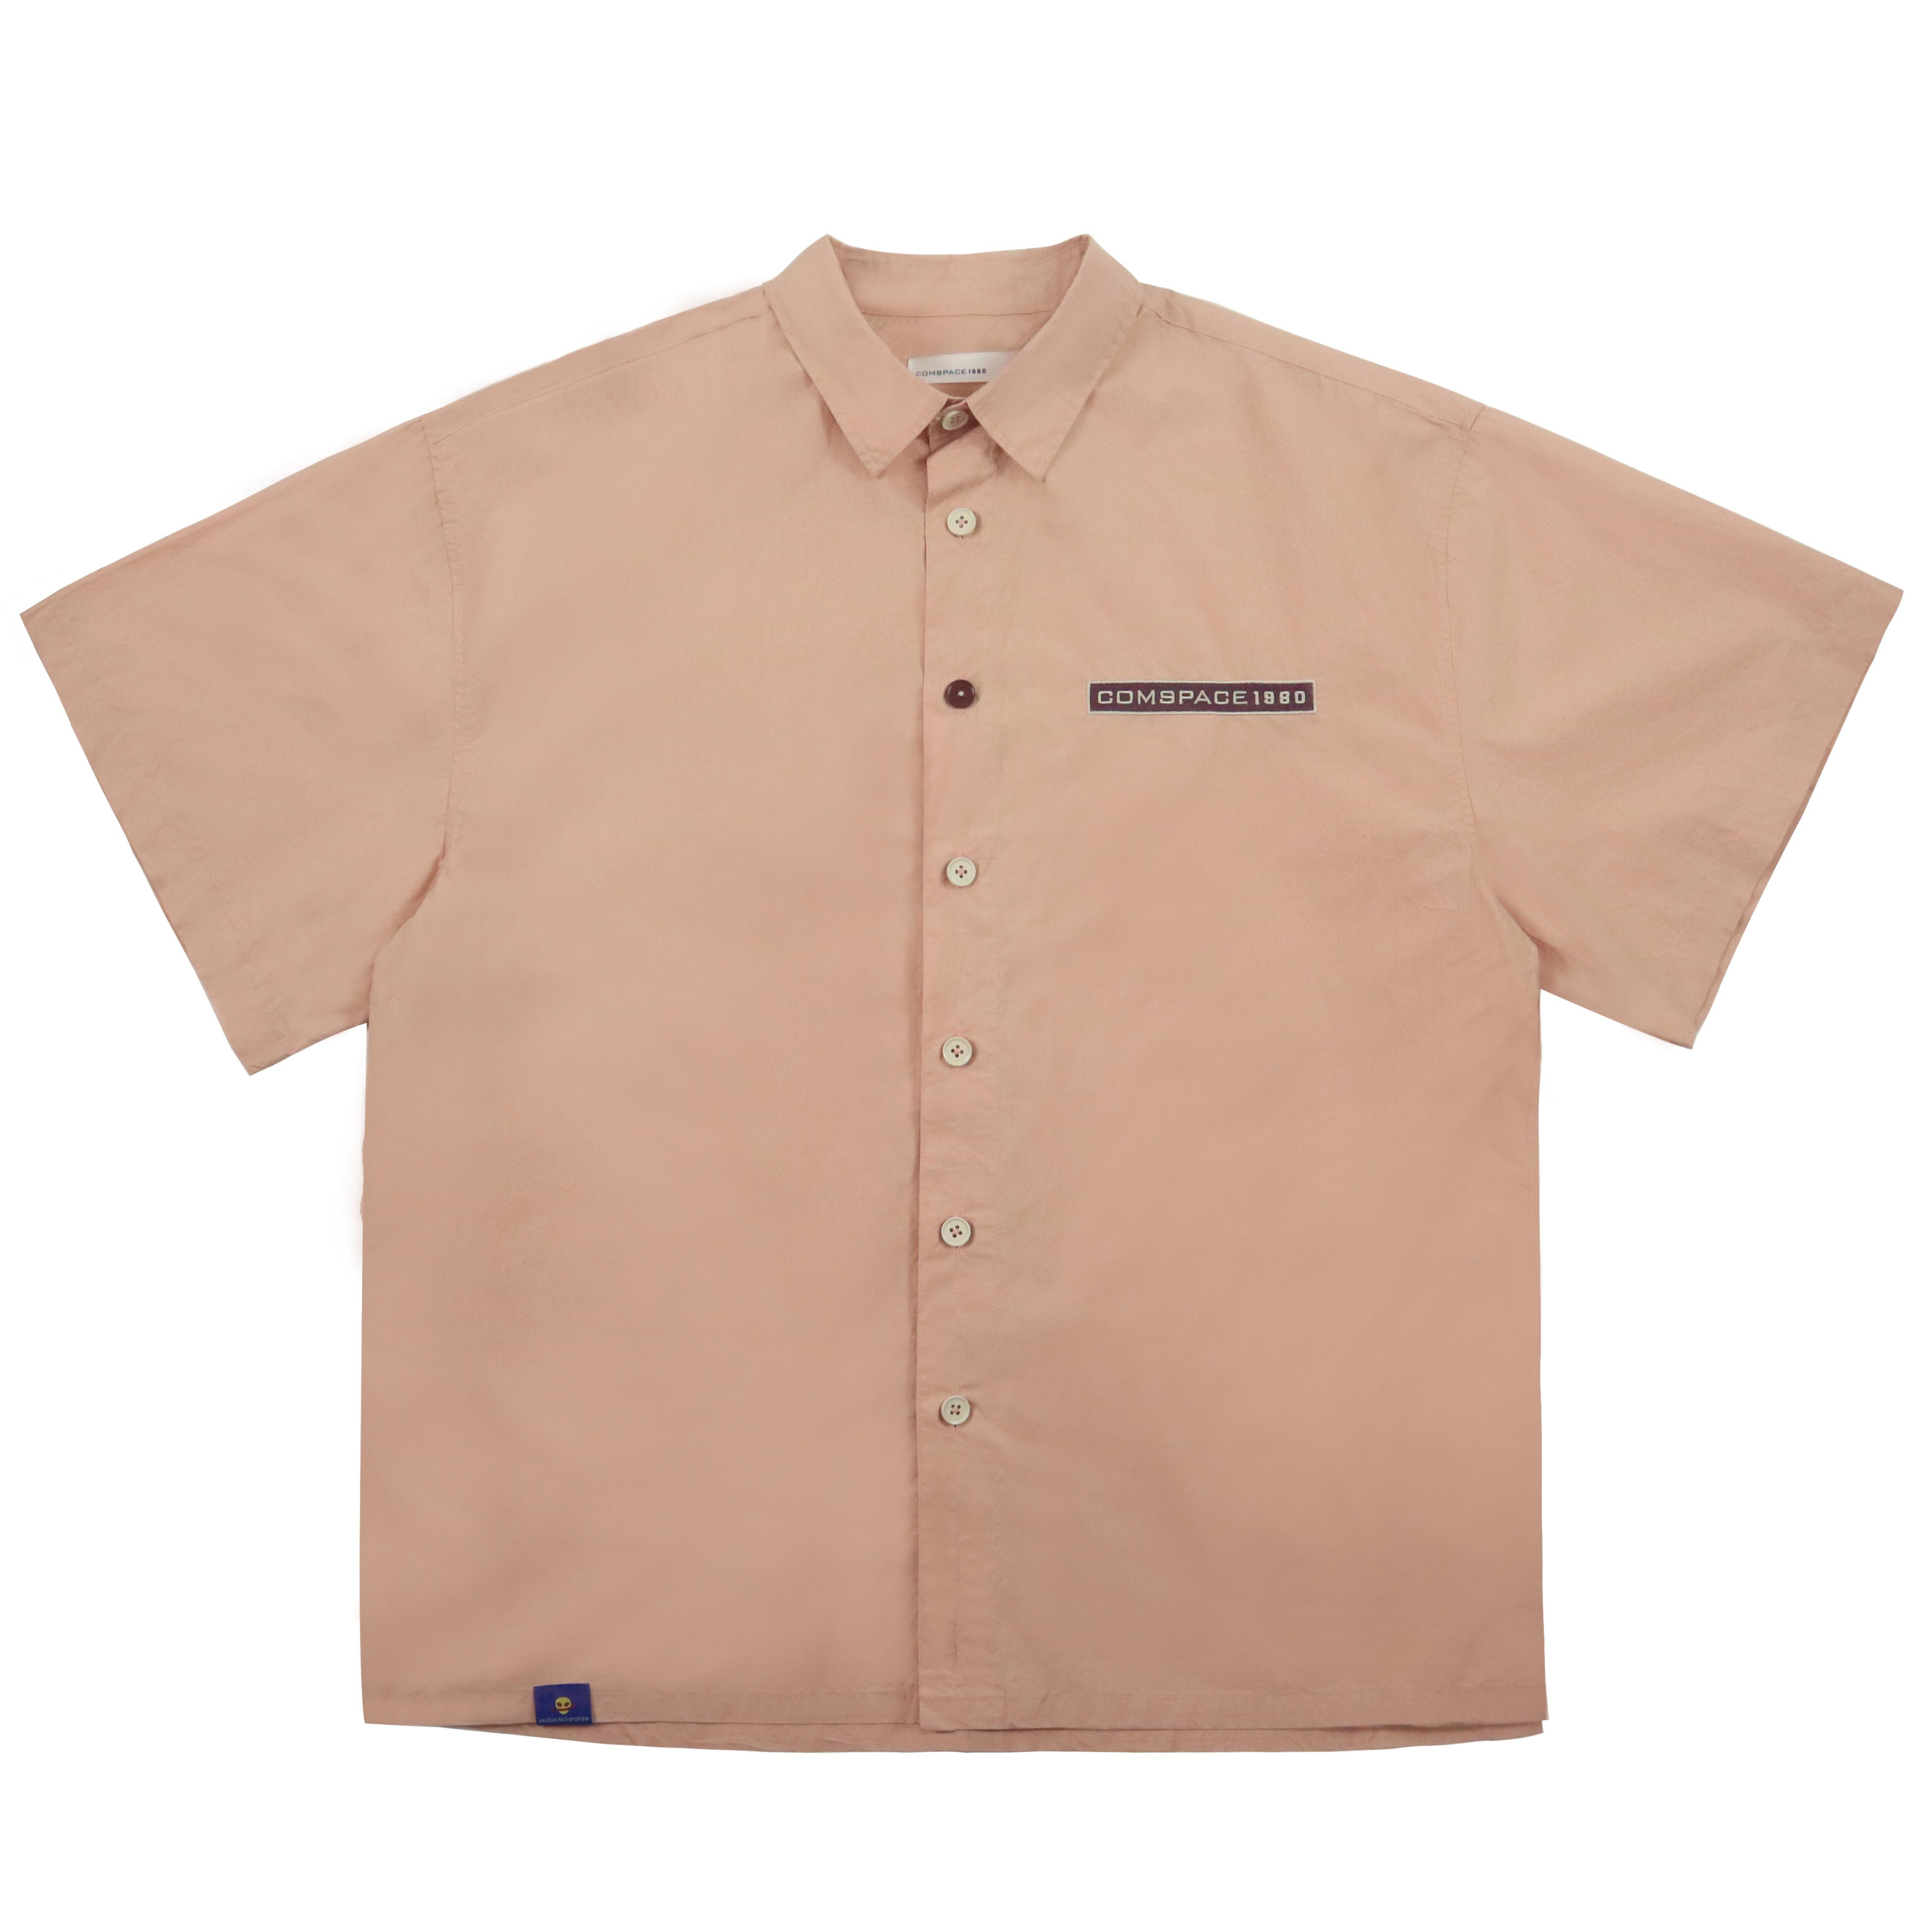 네임택 오버핏 셔츠 핑크